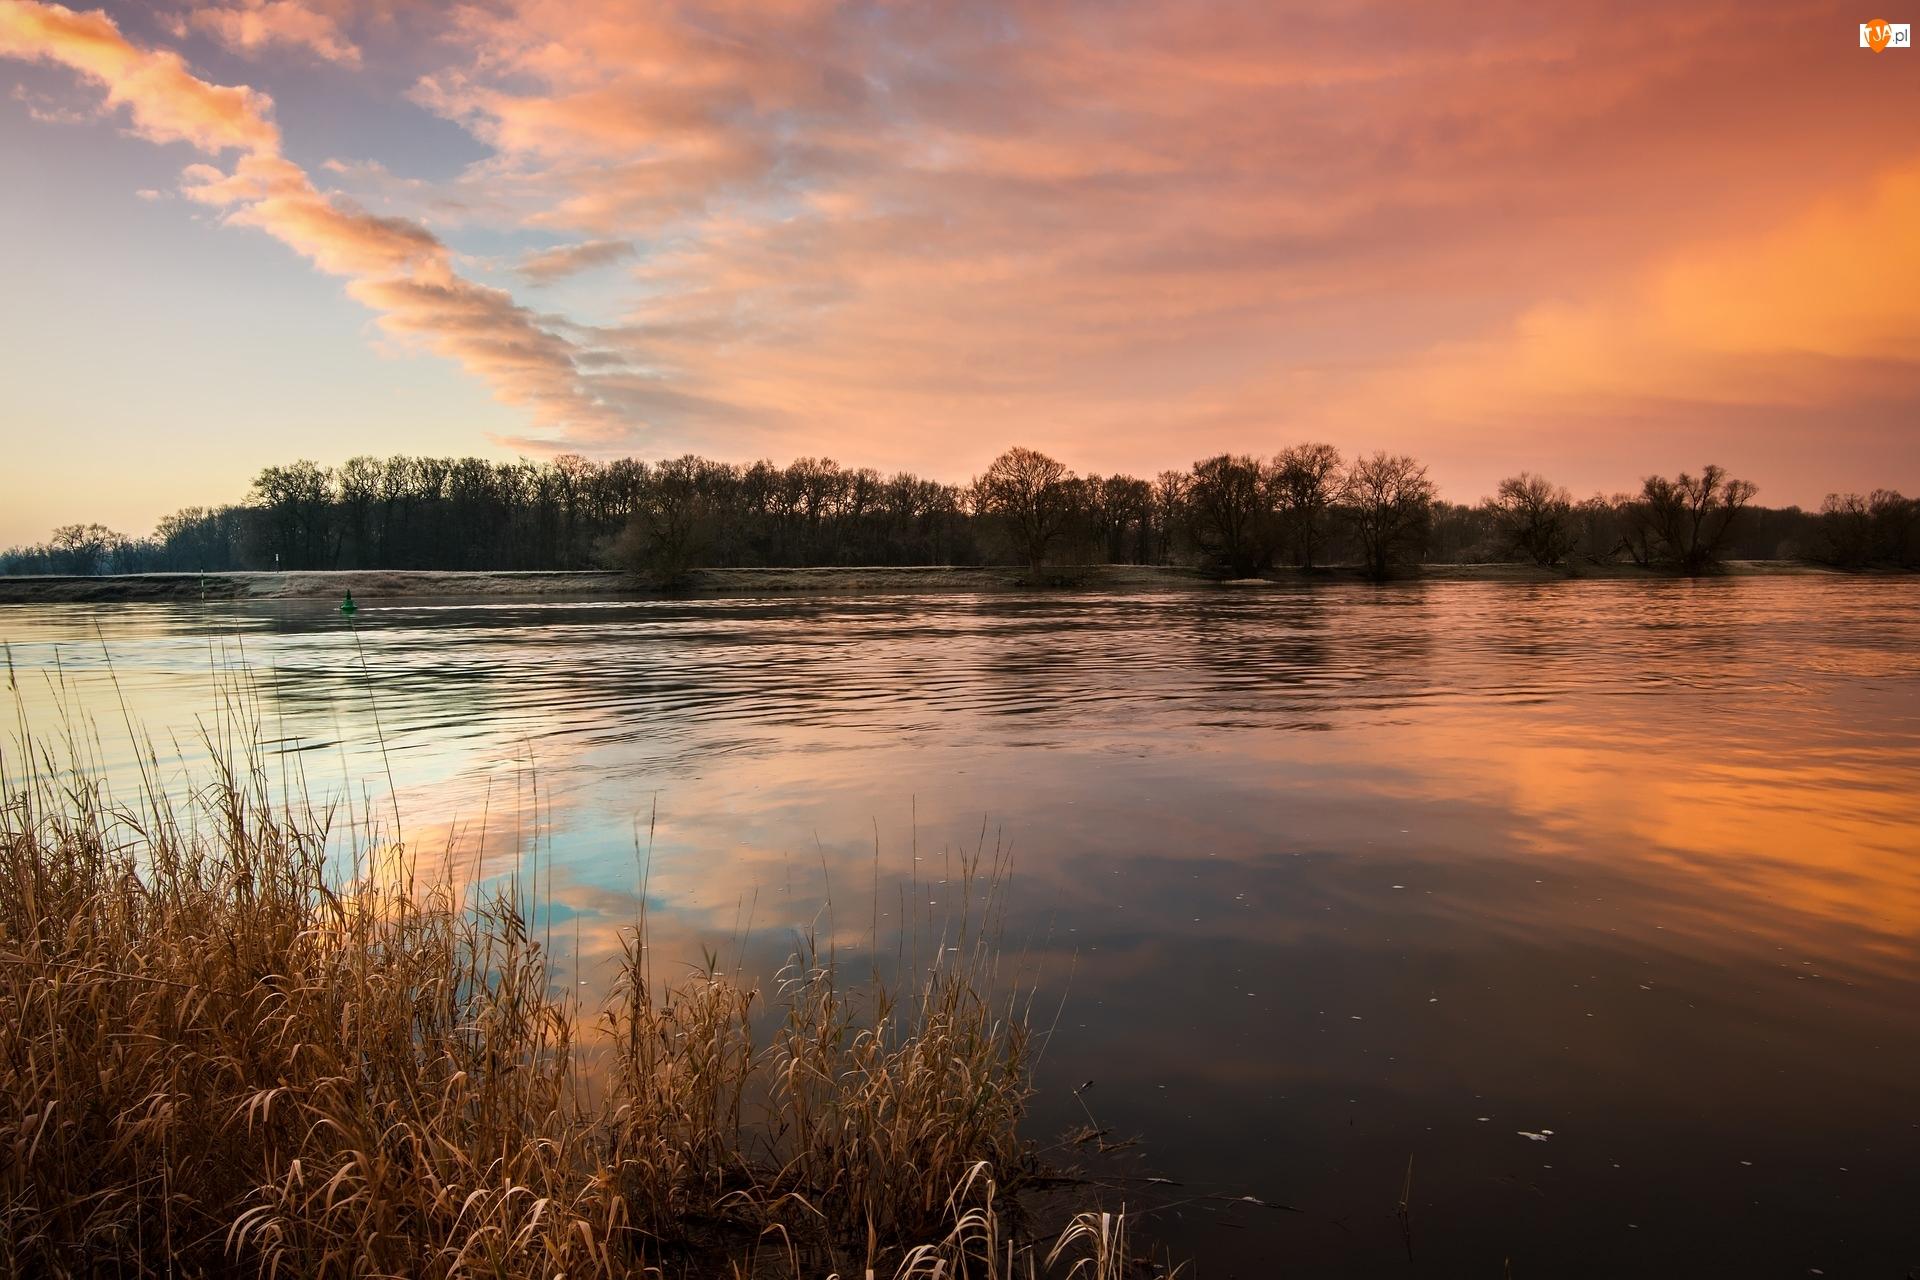 Niemcy, Rzeka Łaba, Drzewa, Wschód słońca